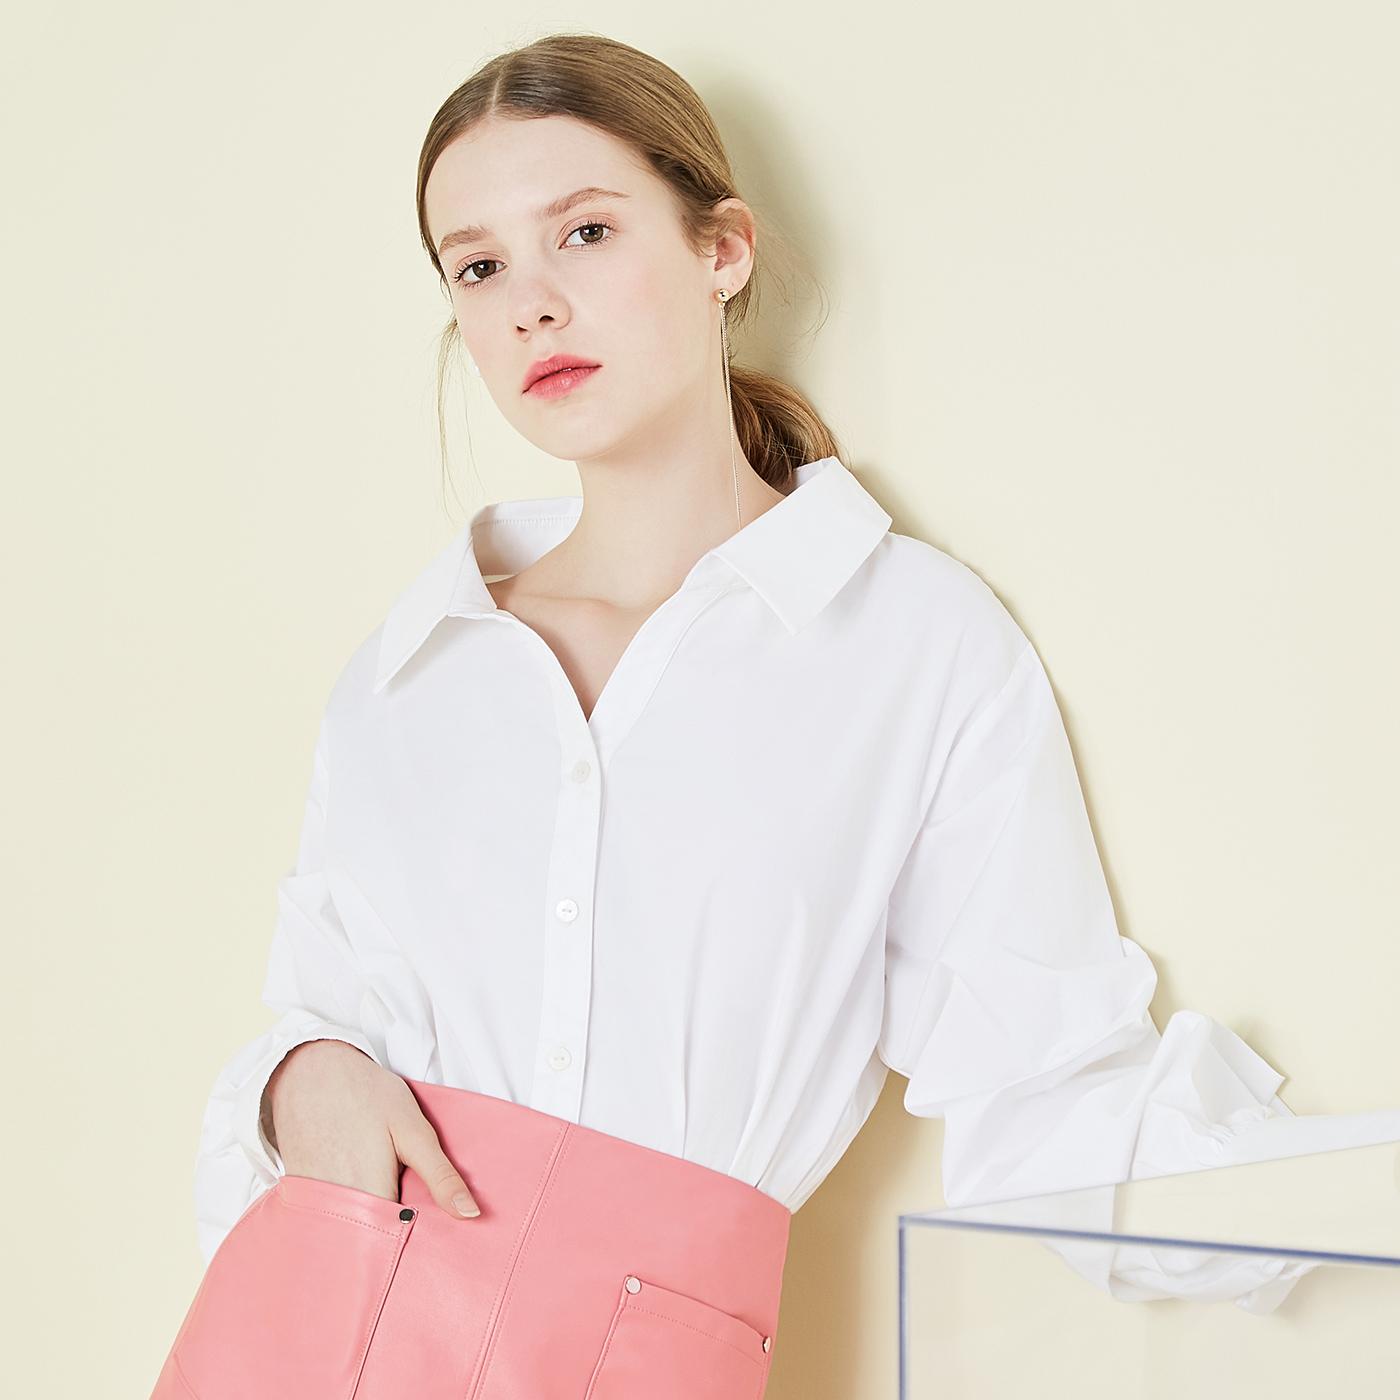 糖力2018春秋季新款女装白色衬衫纯棉长袖上衣休闲宽松半开领衬衣